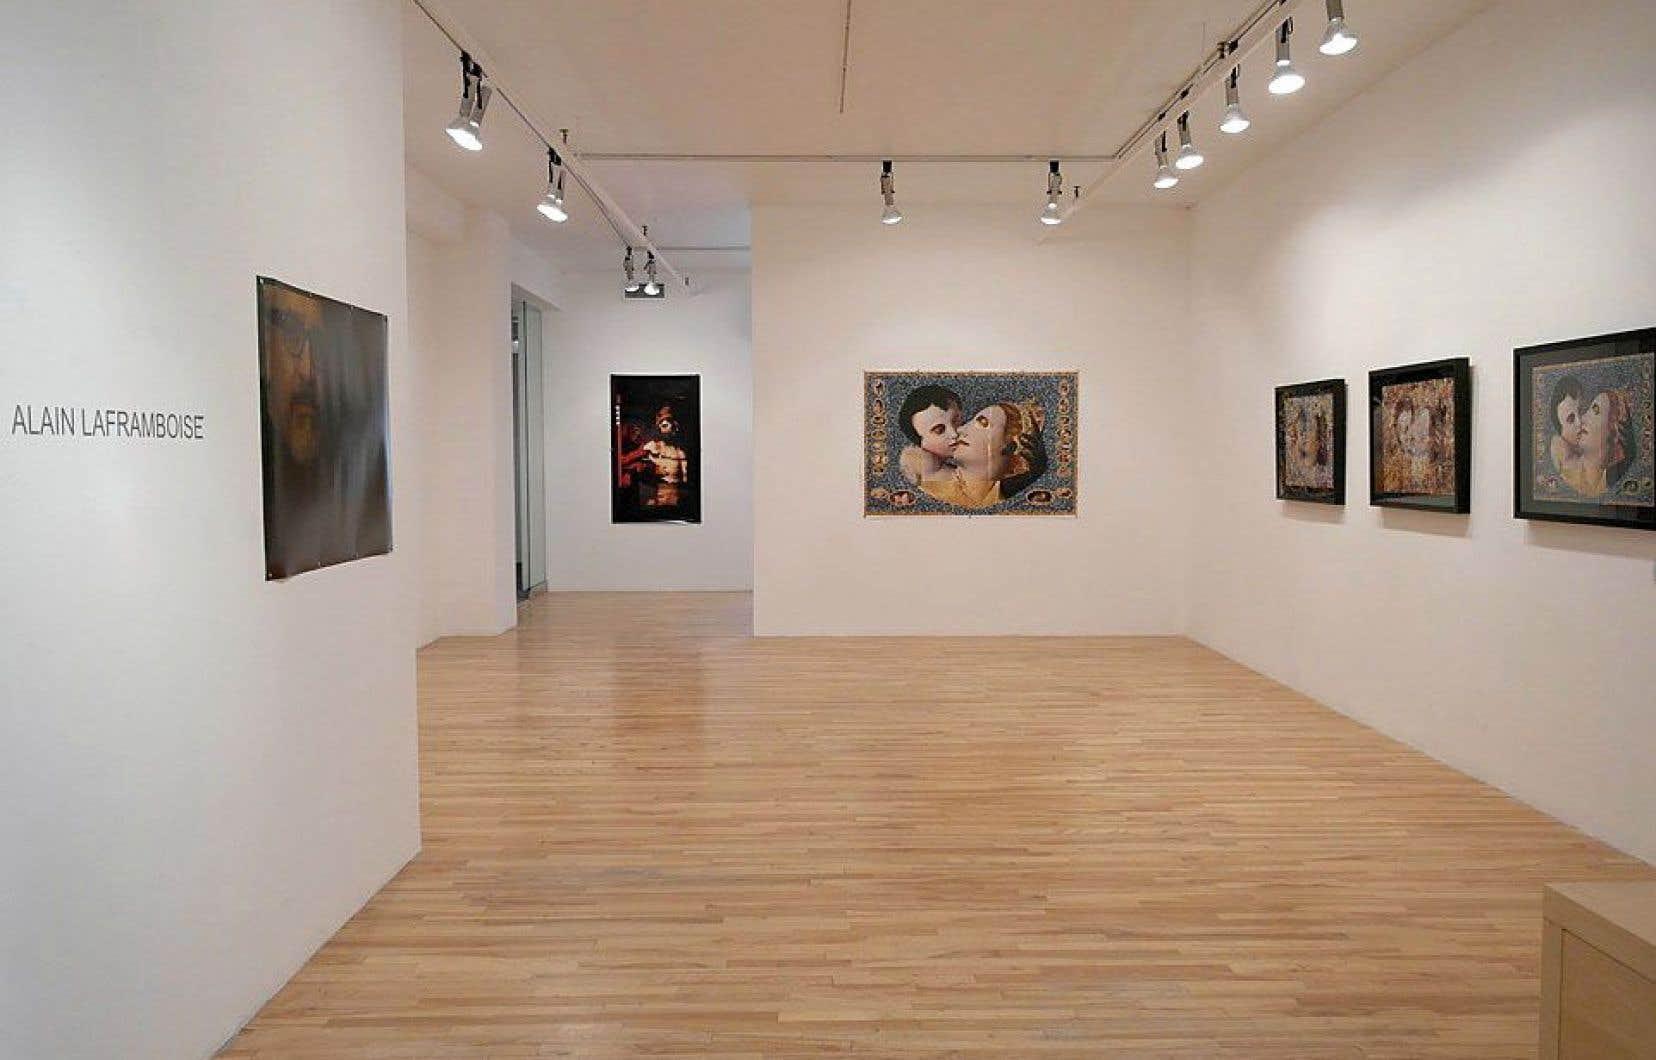 Les œuvres d'Alain Laframboise seront les dernières à être exposées à la galerie Graff.